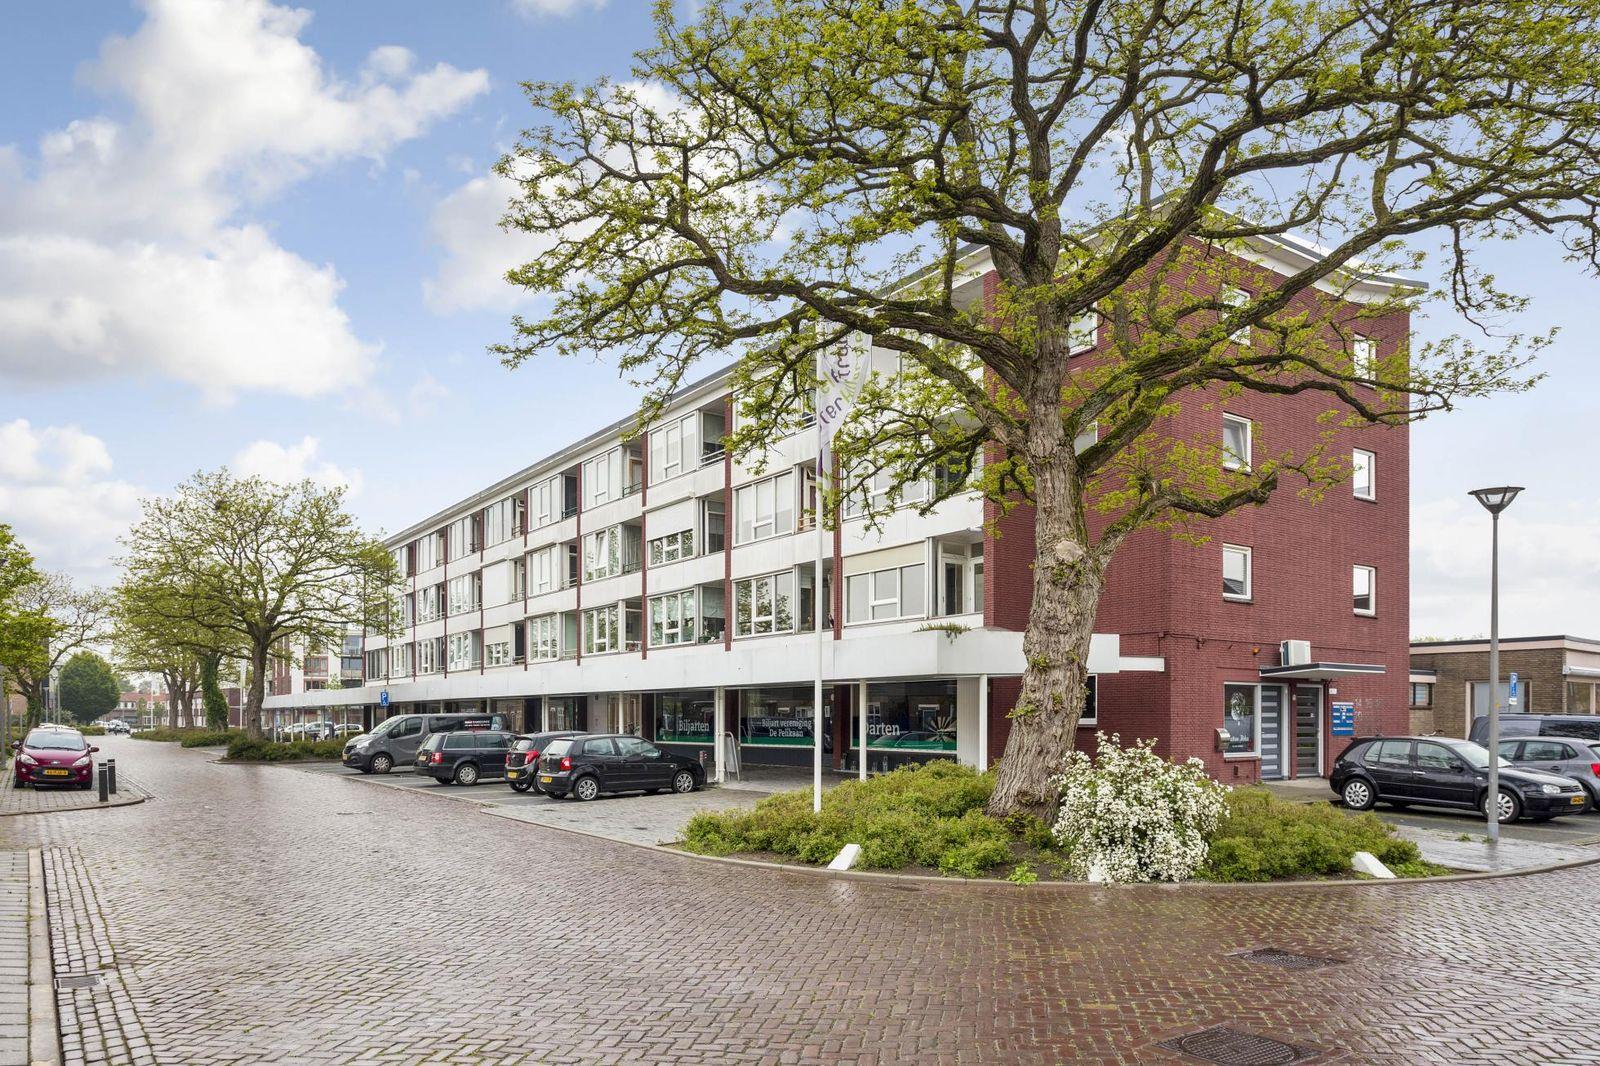 Tak van Poortvlietstraat 28, Zutphen